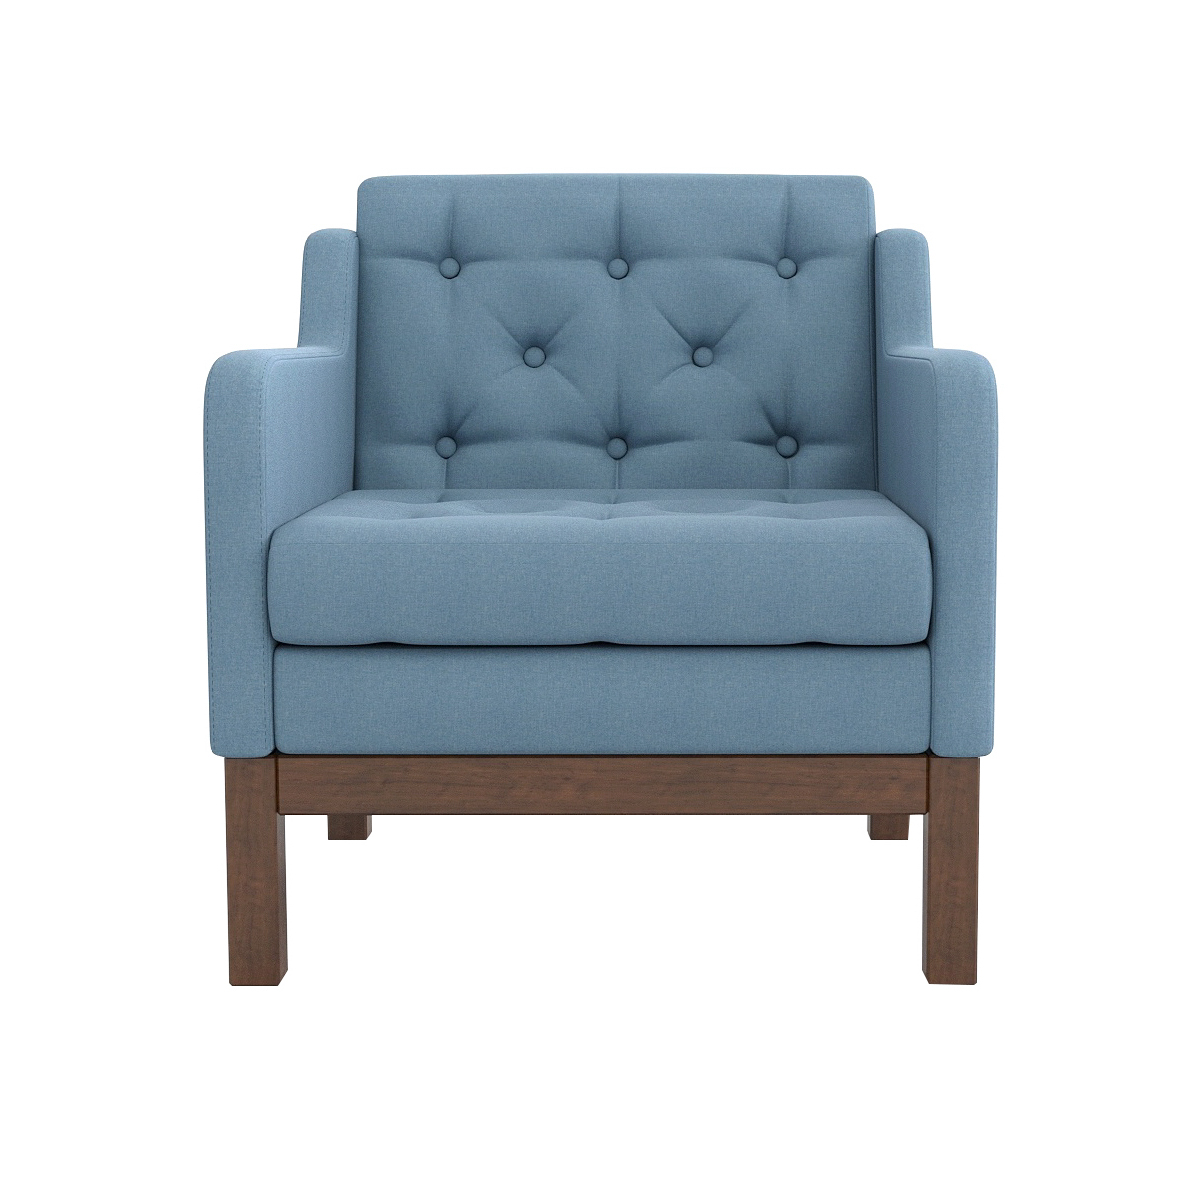 Кресло AS Алана 75.5x82x83 орех/голубой недорого